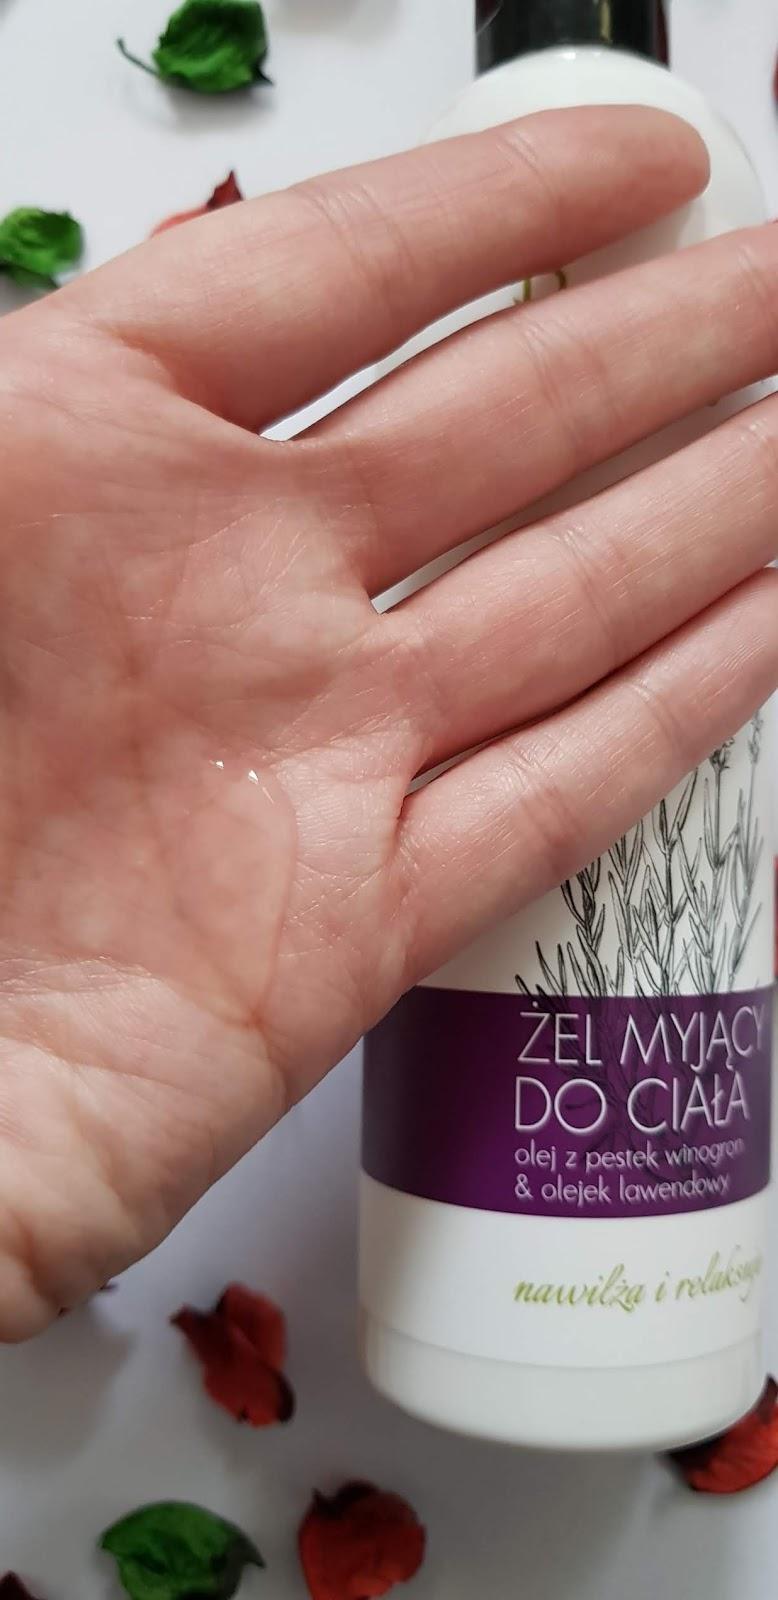 Biolaven żel myjący do ciała